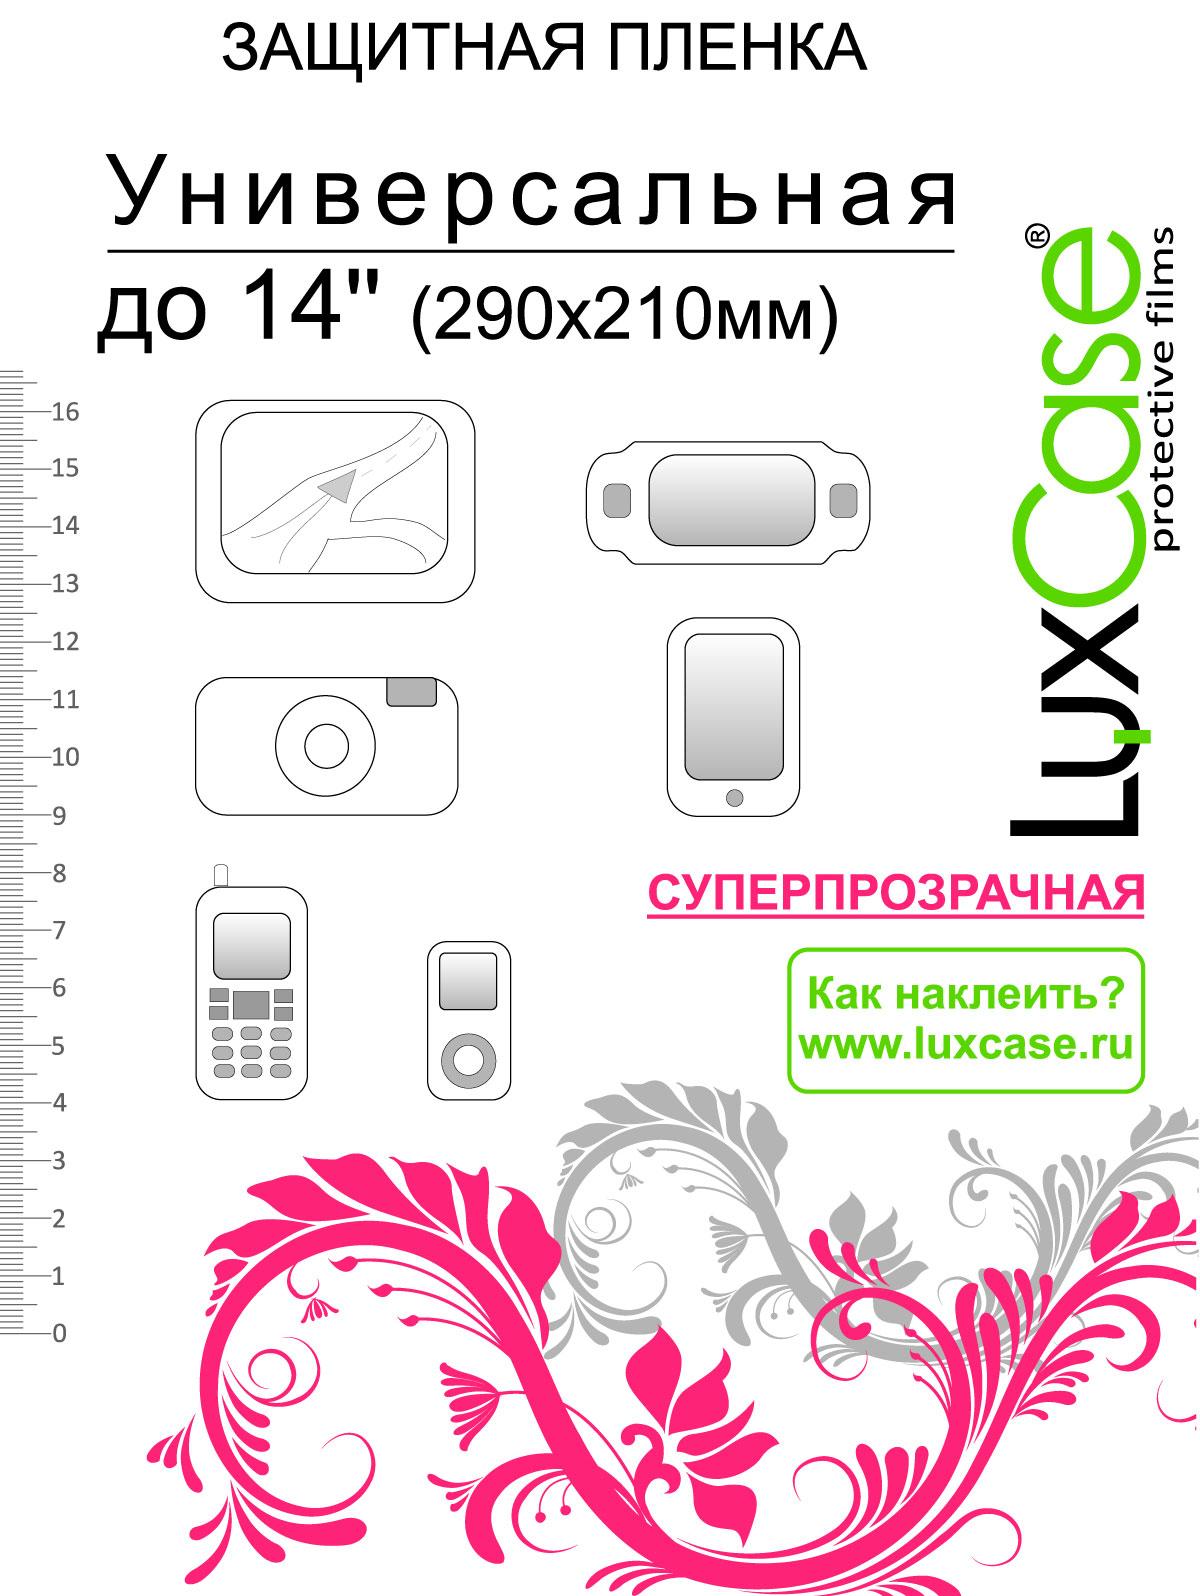 Luxcase универсальная защитная пленка для экрана 14 (290x210 мм), суперпрозрачная80130Защитная пленка для экрана - это универсальная защитная пленка, предохраняющая дисплей Вашего электронного устройства от возможных повреждений. Размеры пленки совместимы со всеми экранами диагональю до 14. Выбирая защитные пленки LuxCase - Вы продлеваете жизнь сенсорному экрану приобретенного вами мобильного устройства. Защитные пленки LuxCase удобны в использовании и имеют антибликовое покрытие. Благодаря использованию высококачественного японского материала пленка легко наклеивается, плотно прилегает, имеет высокую прозрачность и устойчивость к механическим воздействиям. Потребительские свойства и эргономика сенсорного экрана при этом не ухудшаются. Защитные пленки LuxCase не искажают изображение, приклеиваются легко и ровно.